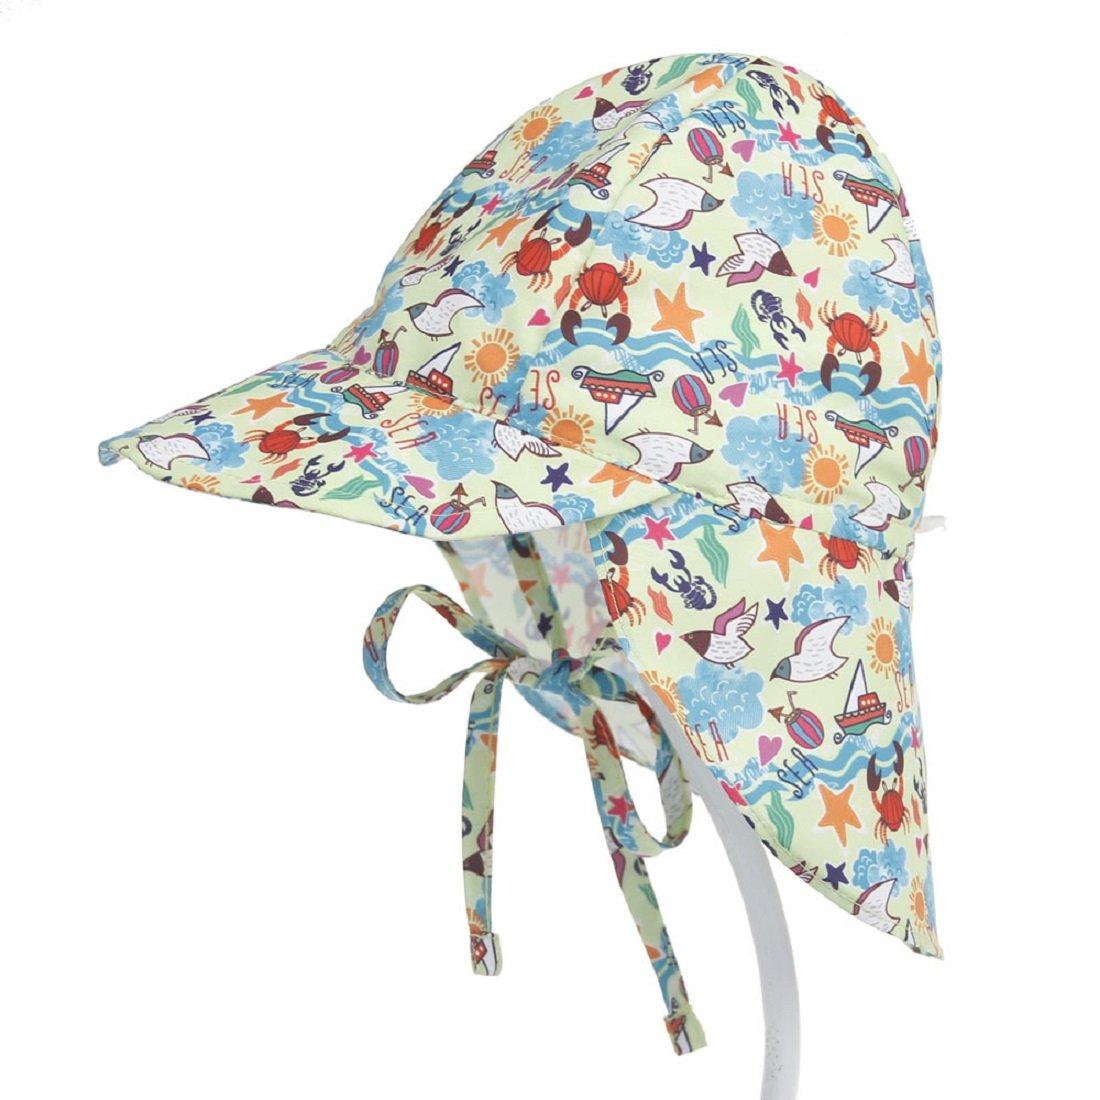 Boomly Bébé Enfant Chapeau de Soleil UV50 + Protection Été Pêche Chapeaux de Plage Pliable Beach Cap avec mentonnière réglable Séchage Rapide Casquette extérieure